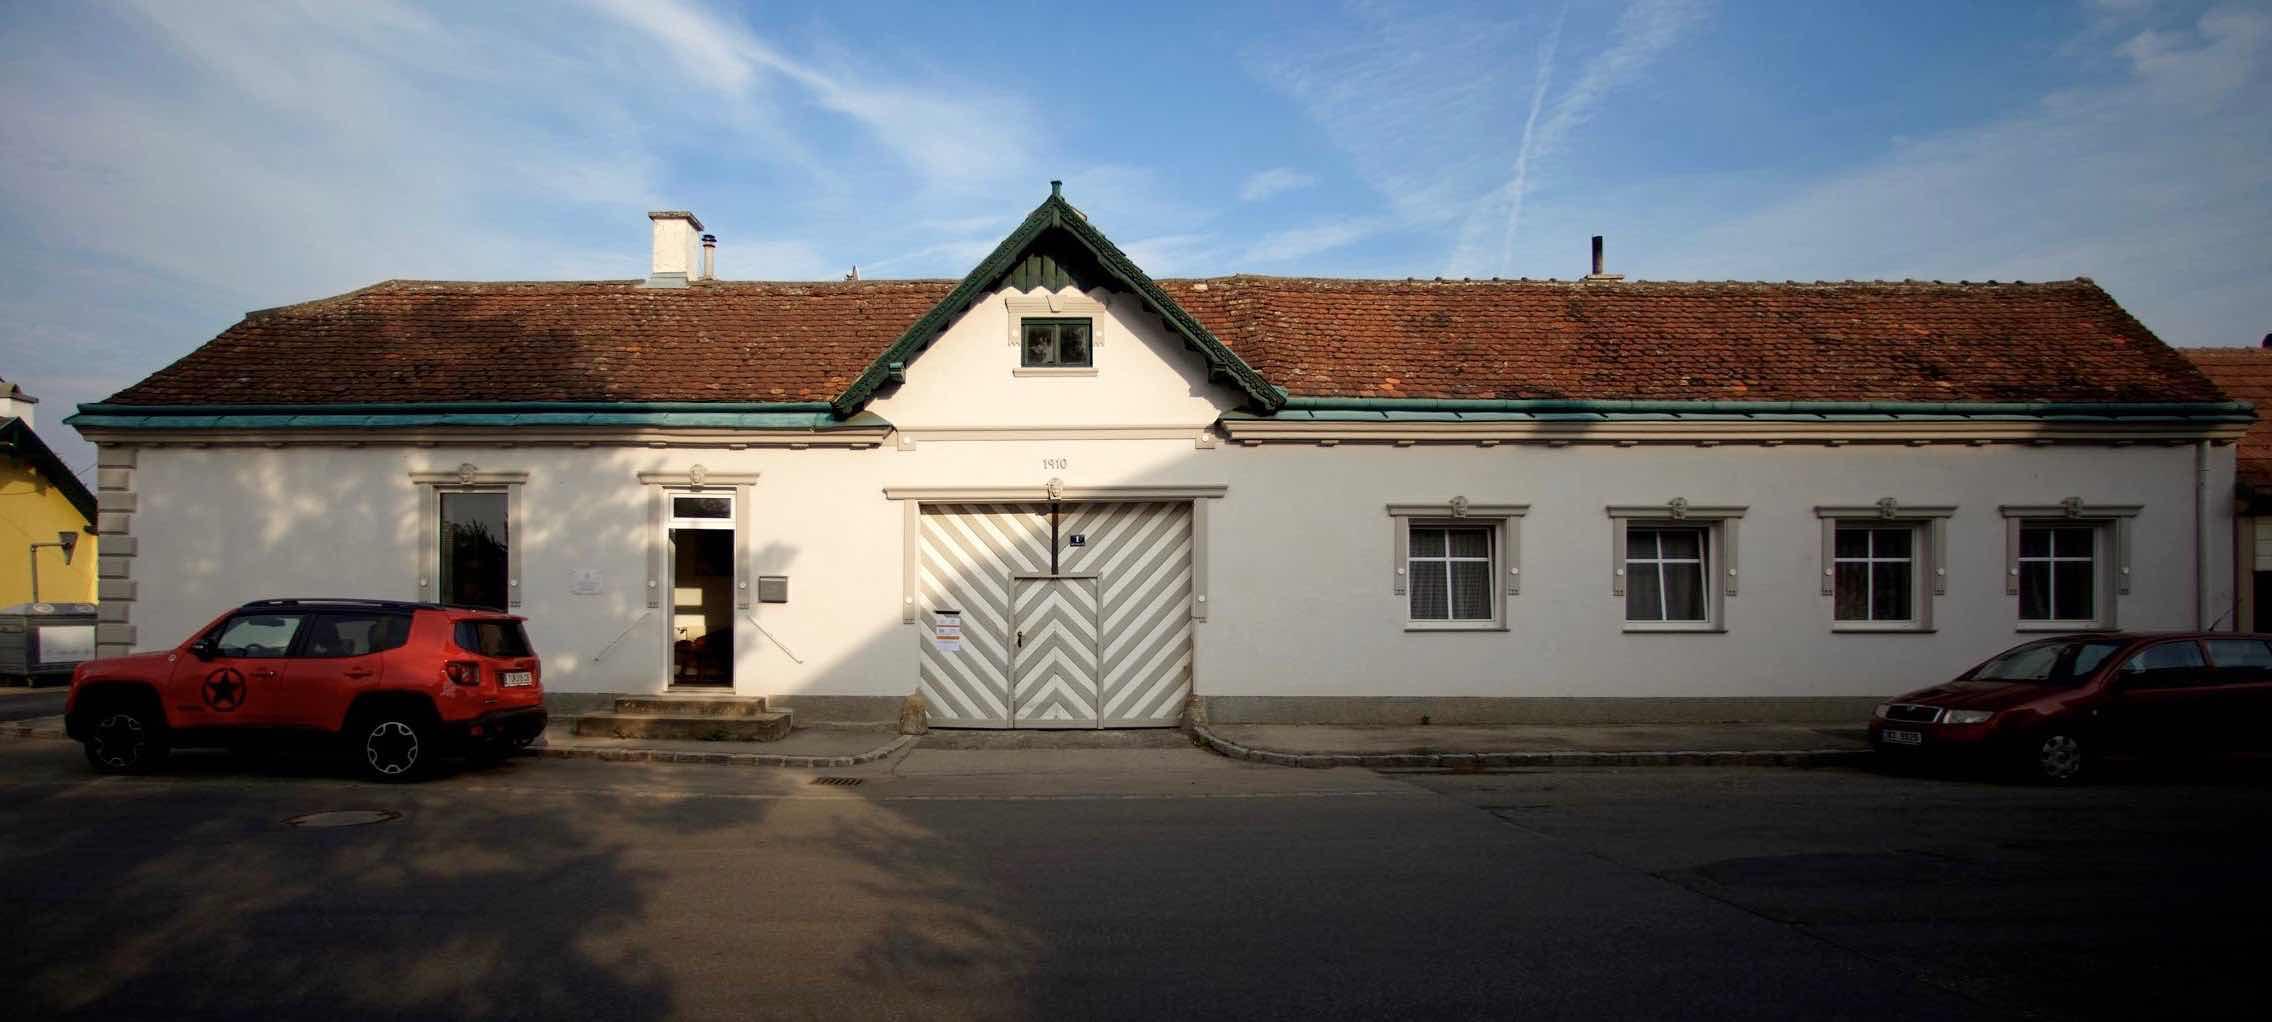 Oldtimertreffen Sankt Andr Wrdern - Startseite